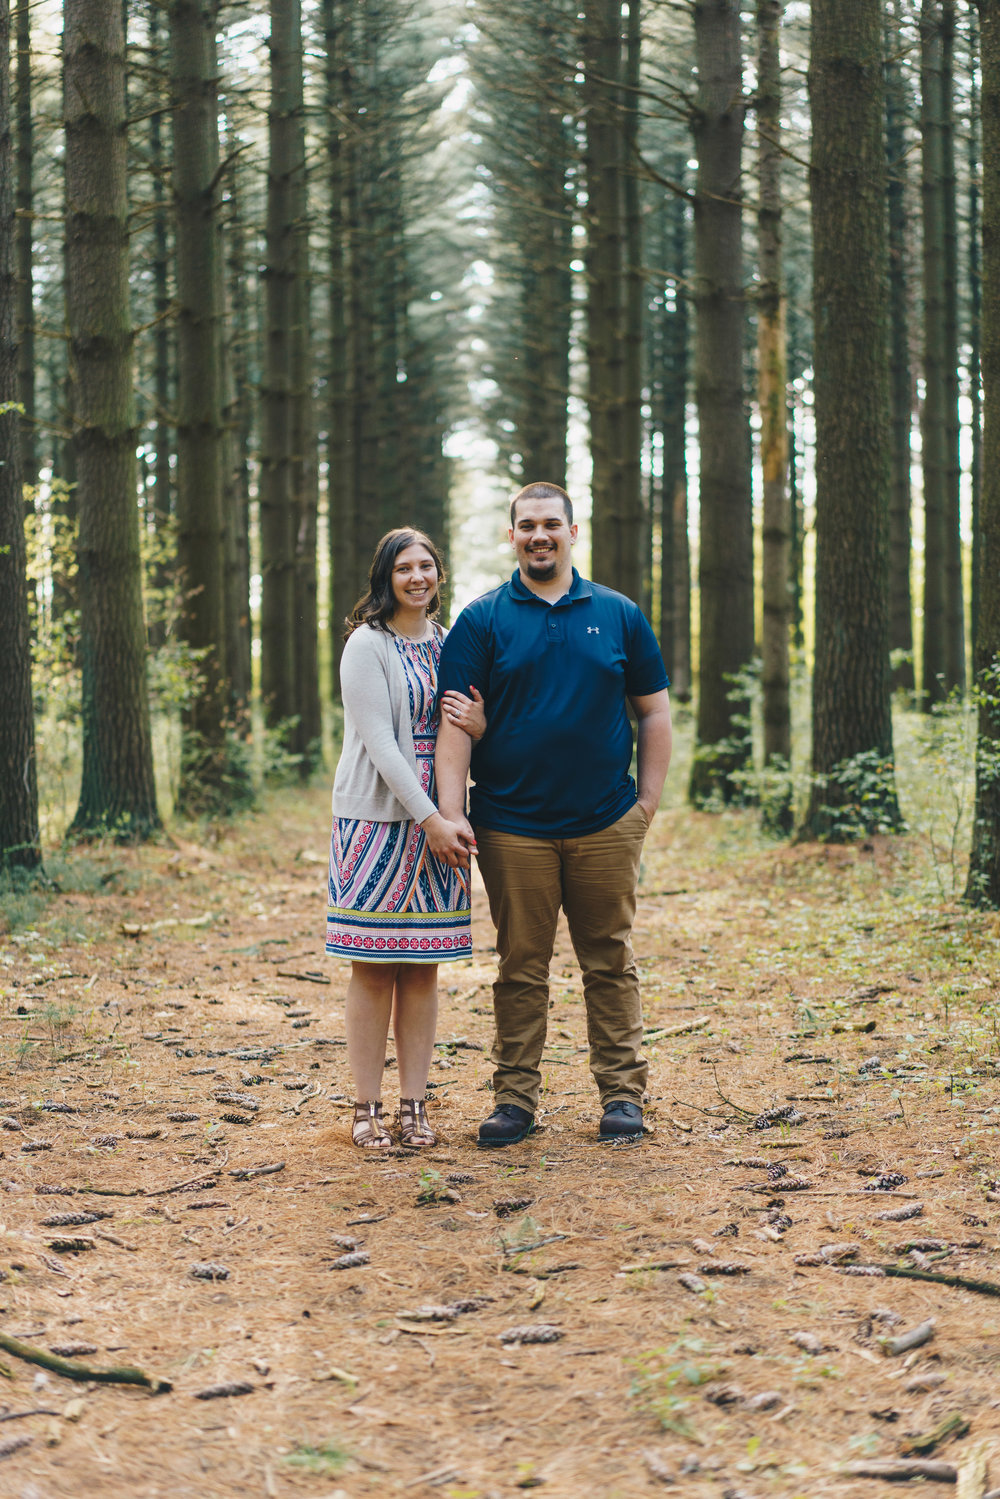 Nashville Wedding Photographer_K&M Engagement Session-3